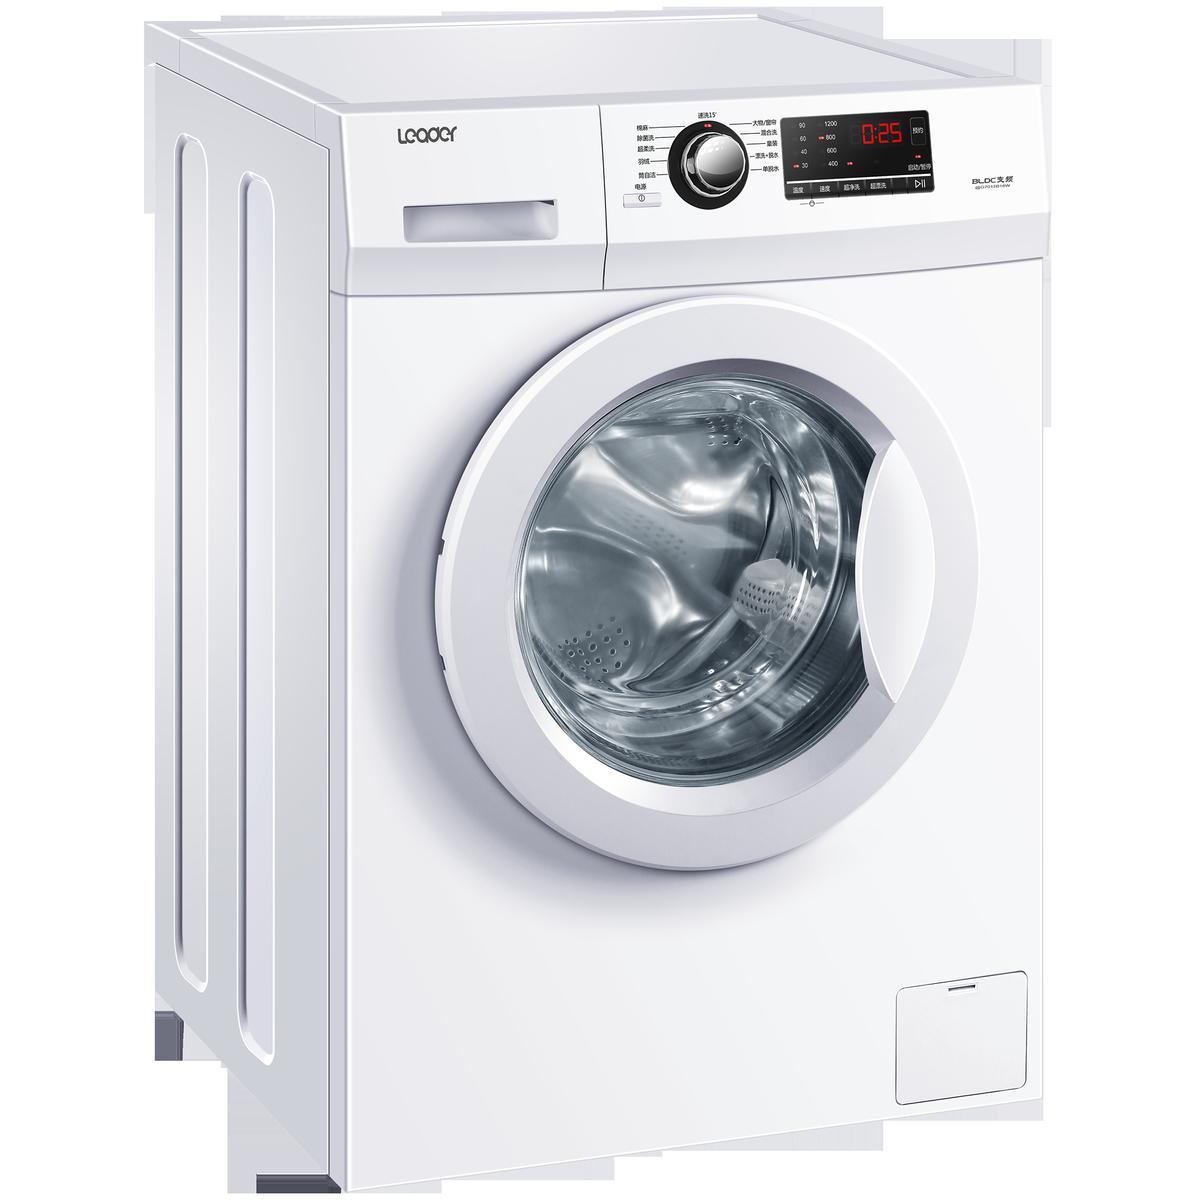 滚筒洗衣机怎么样 滚筒洗衣机什么品牌好